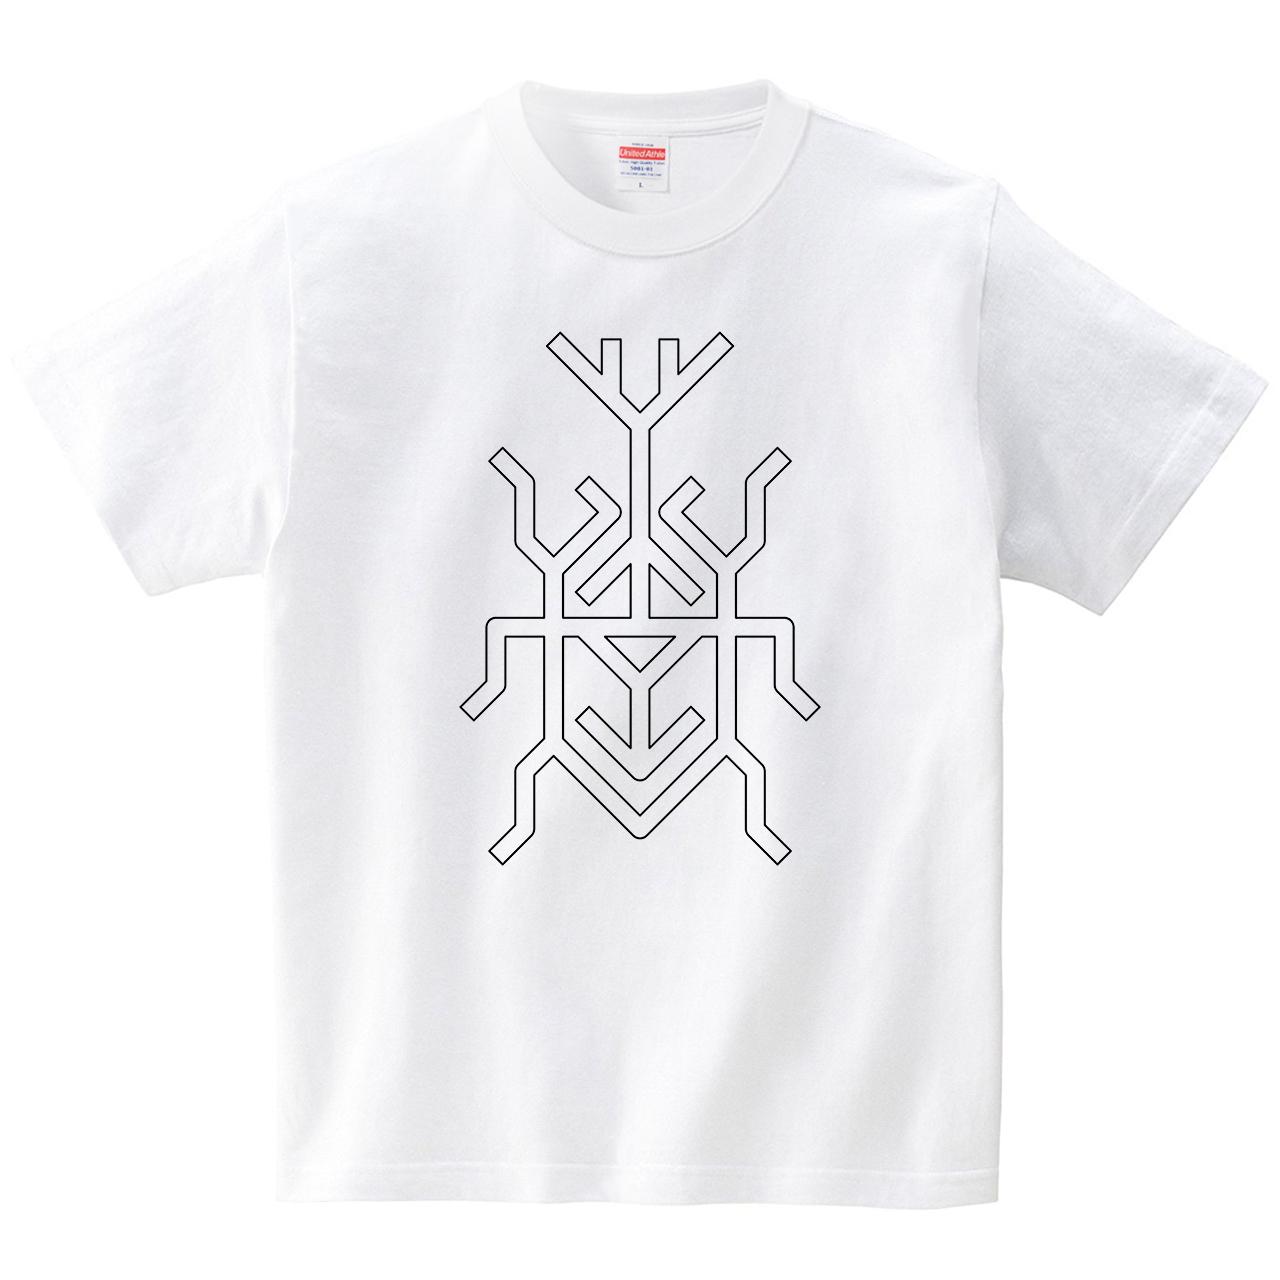 カブトムシ(Tシャツ・ホワイト)(JACK IN THE PIX)